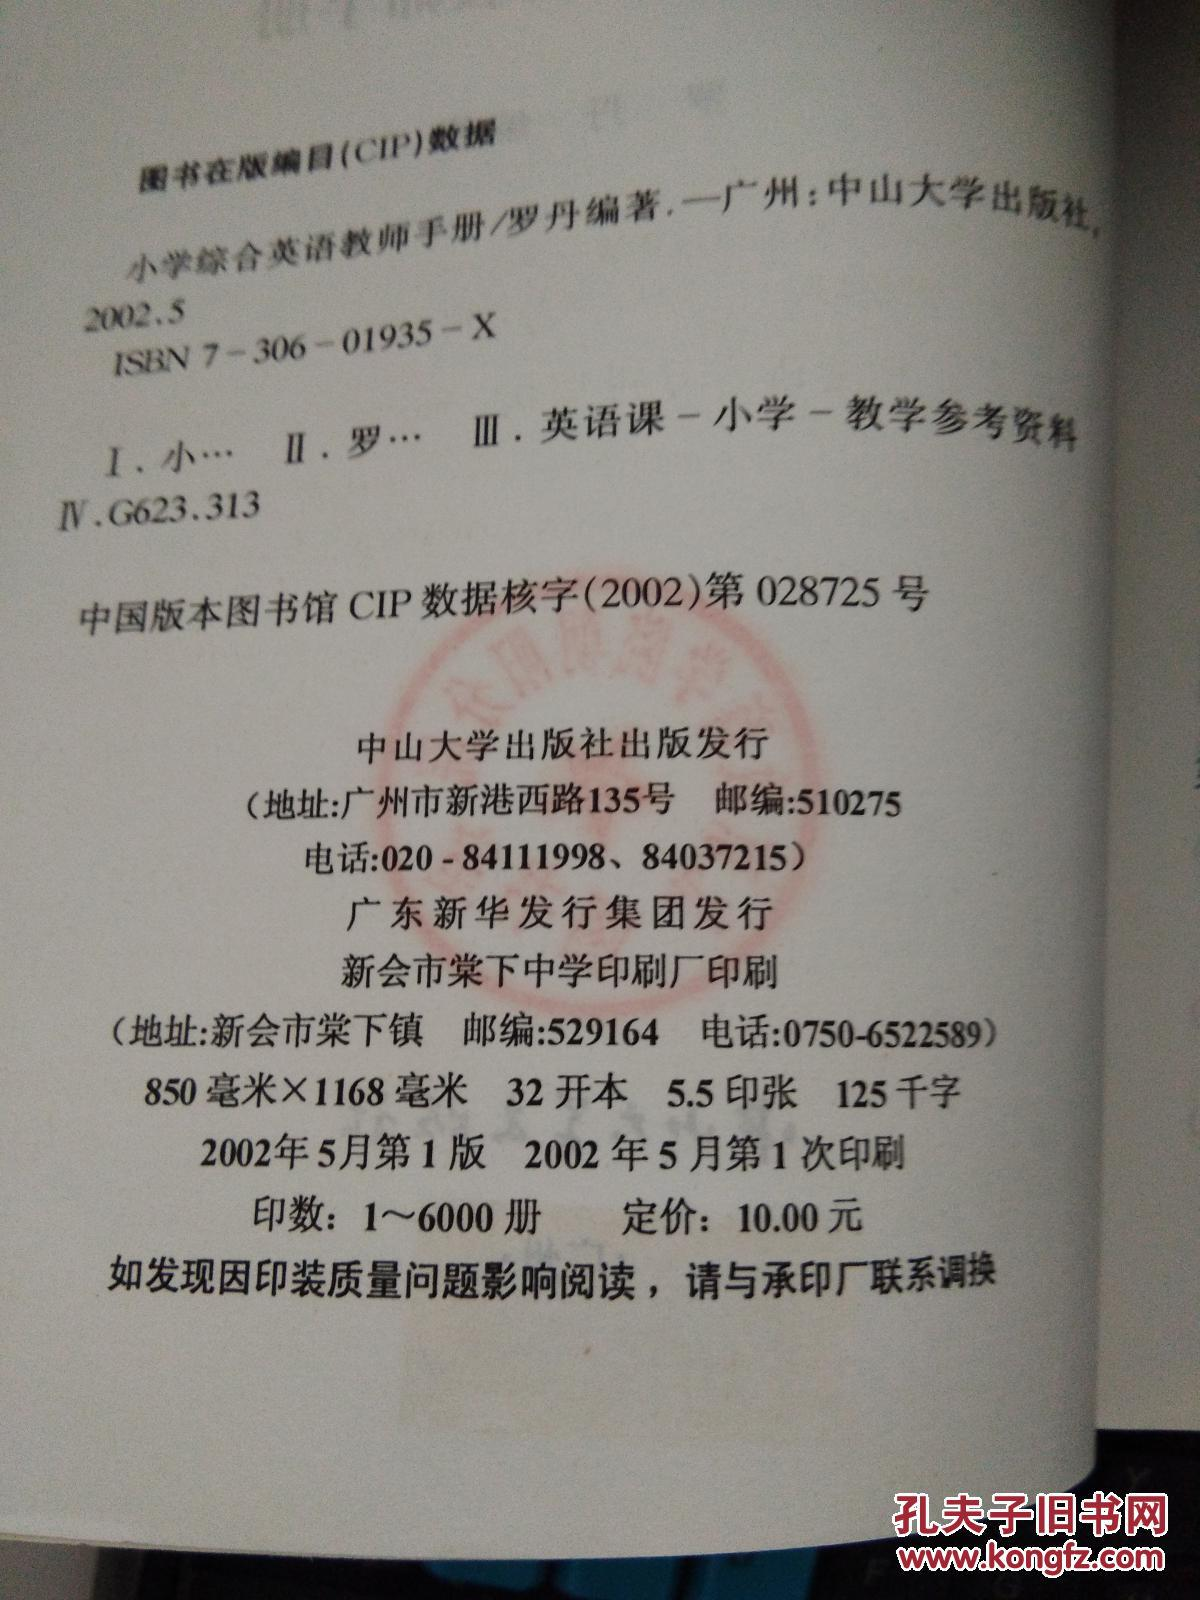 【图】教师综合英语手册小学馆藏书_中山大学带飞搞笑图片的图片